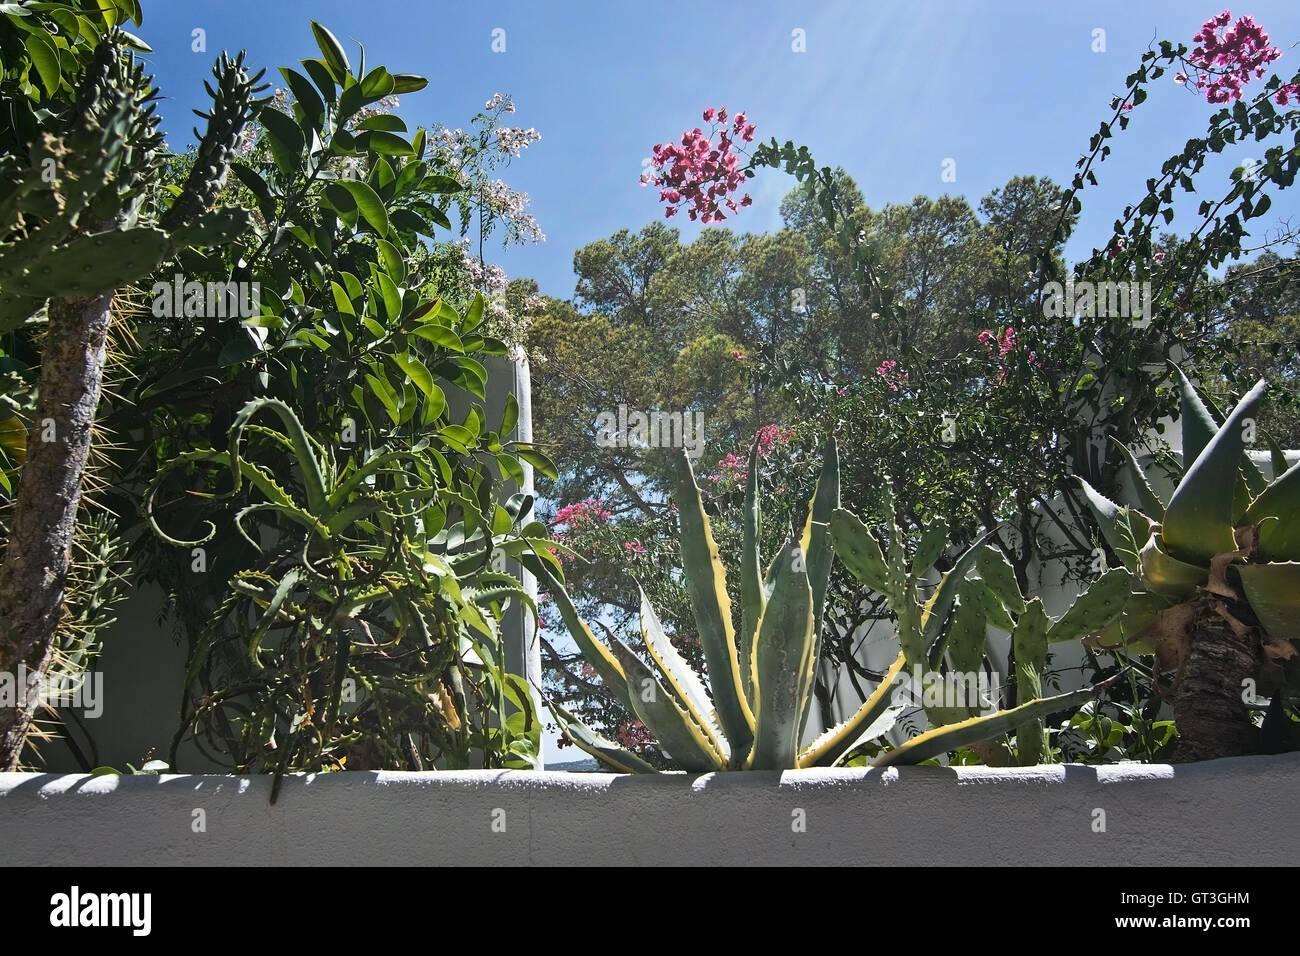 Pflanzen Im September weißen putz wand mit grünen subtropischen pflanzen gegen blauen